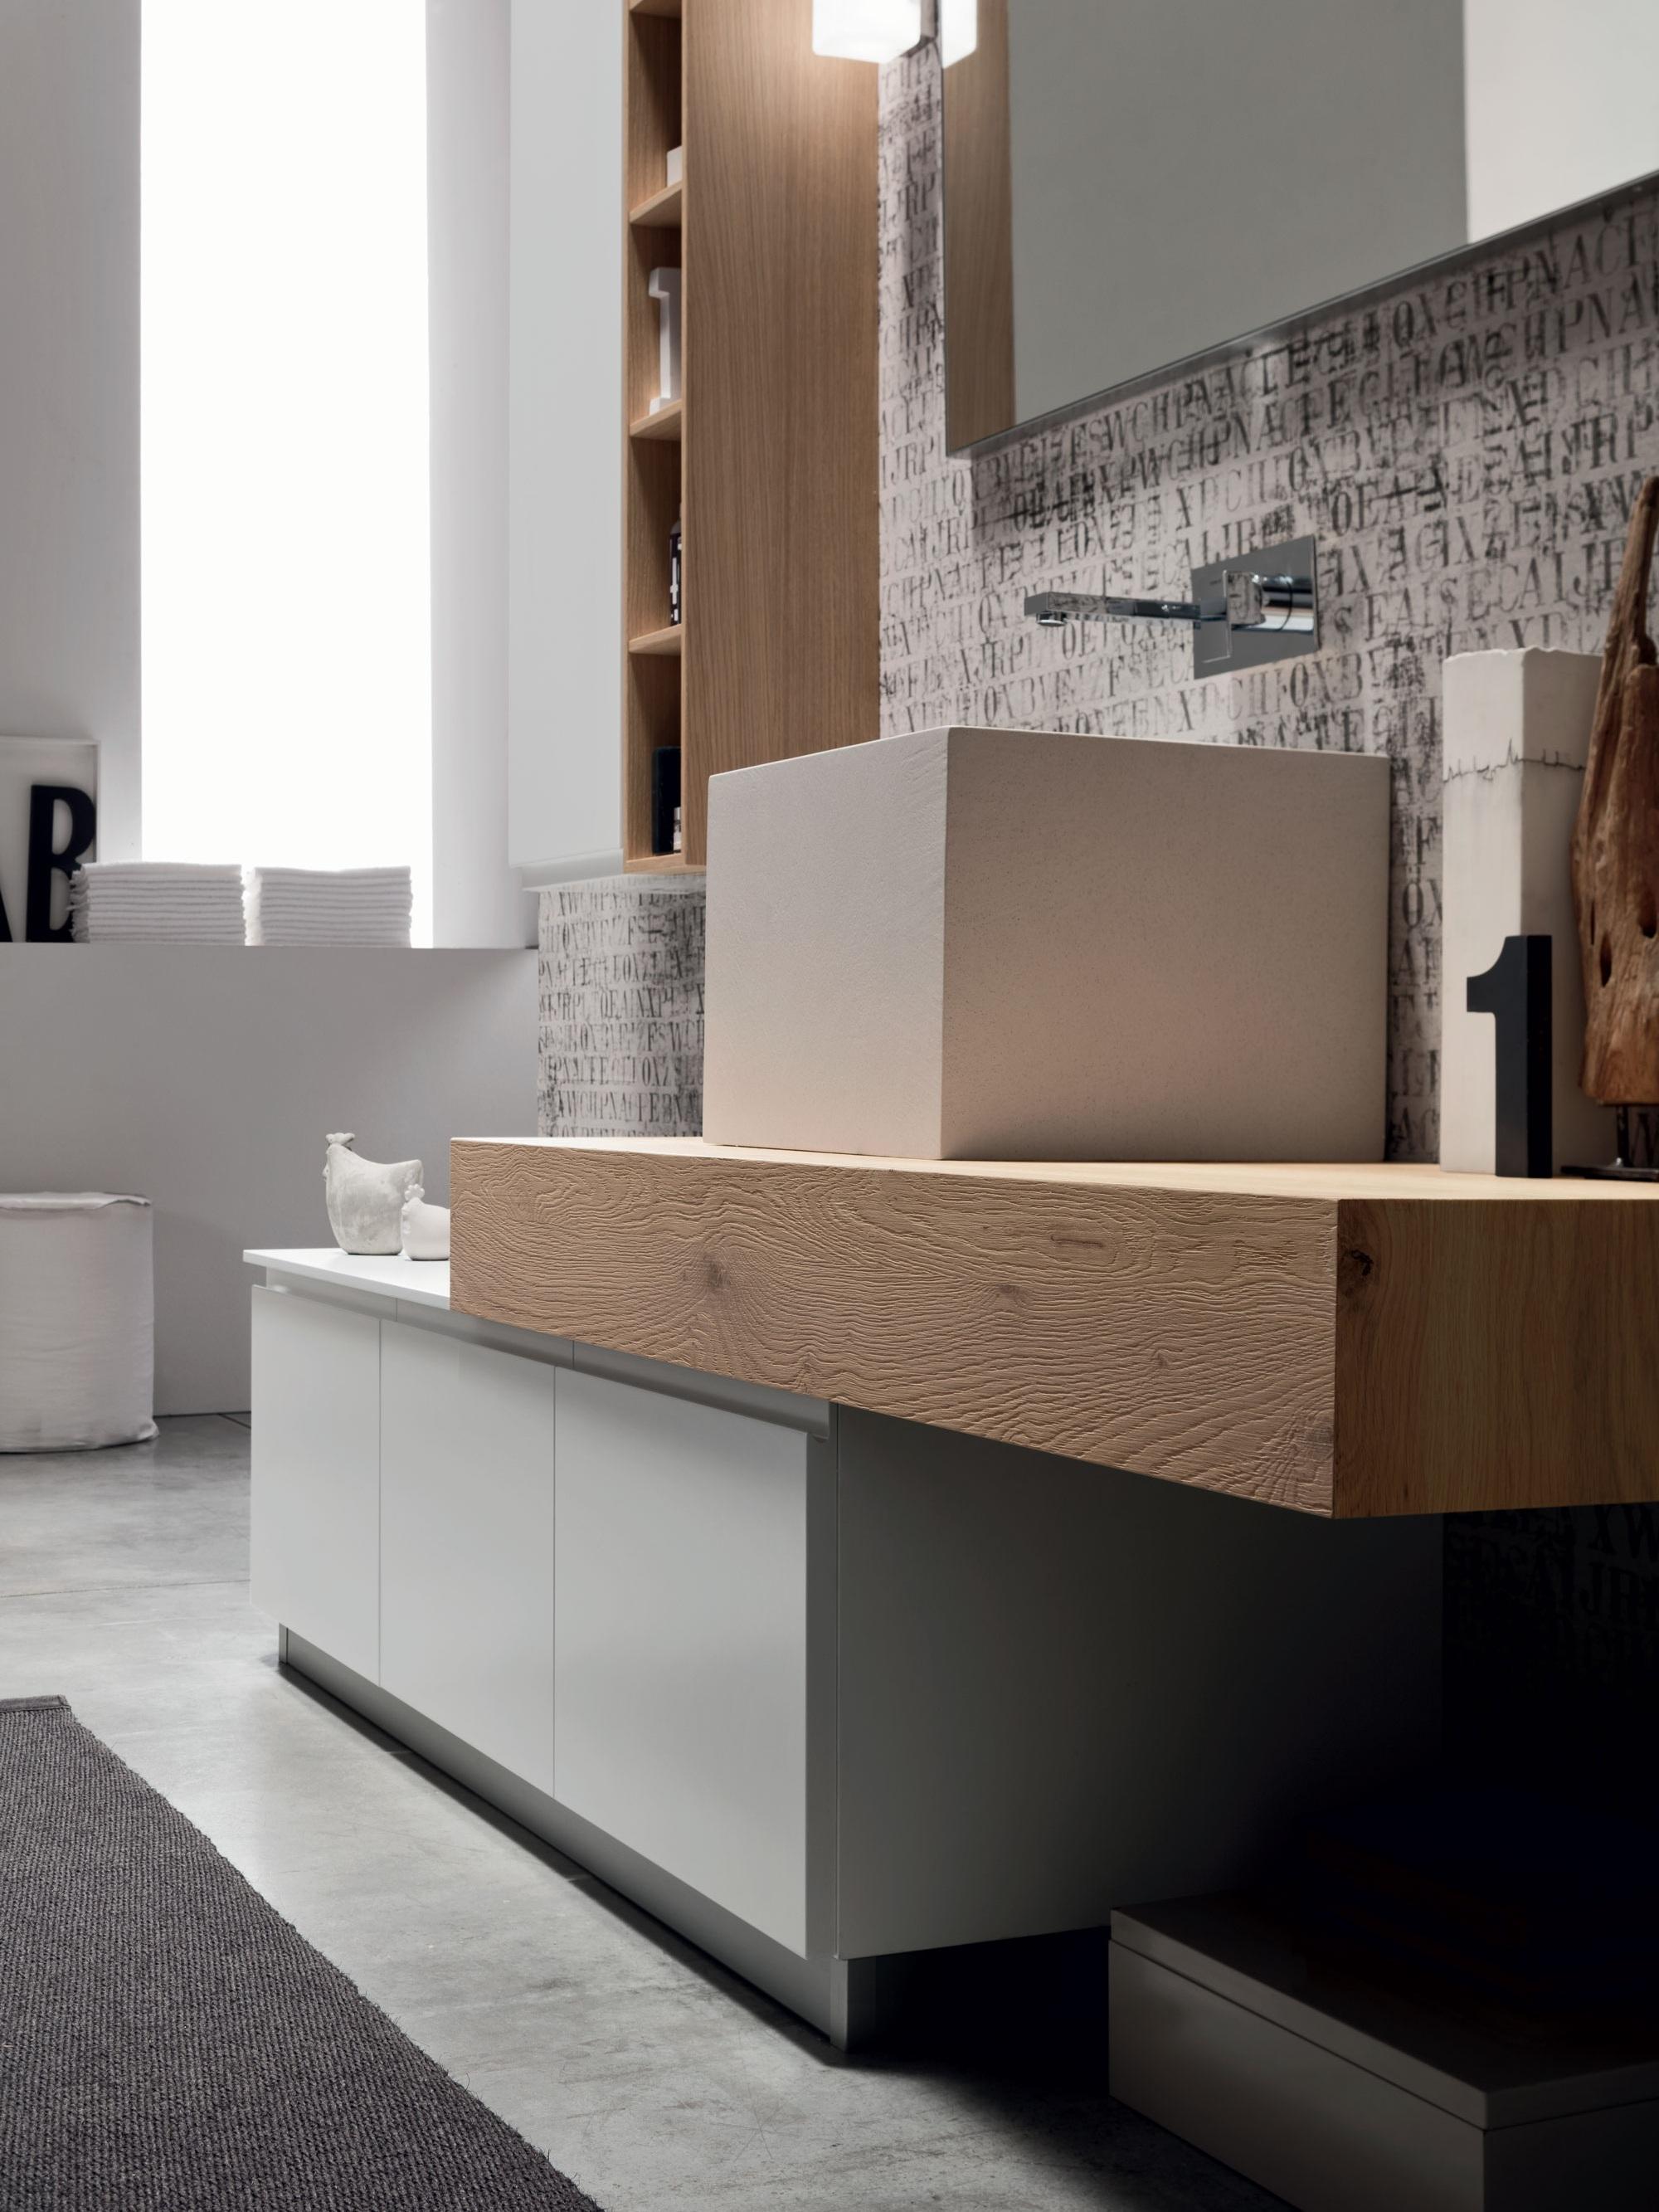 Nuovi spessori - I piani top diventano protagonisti con i loro spessori, che sottolineano il design dei mobili e dei prodotti coordinati all'arredo.